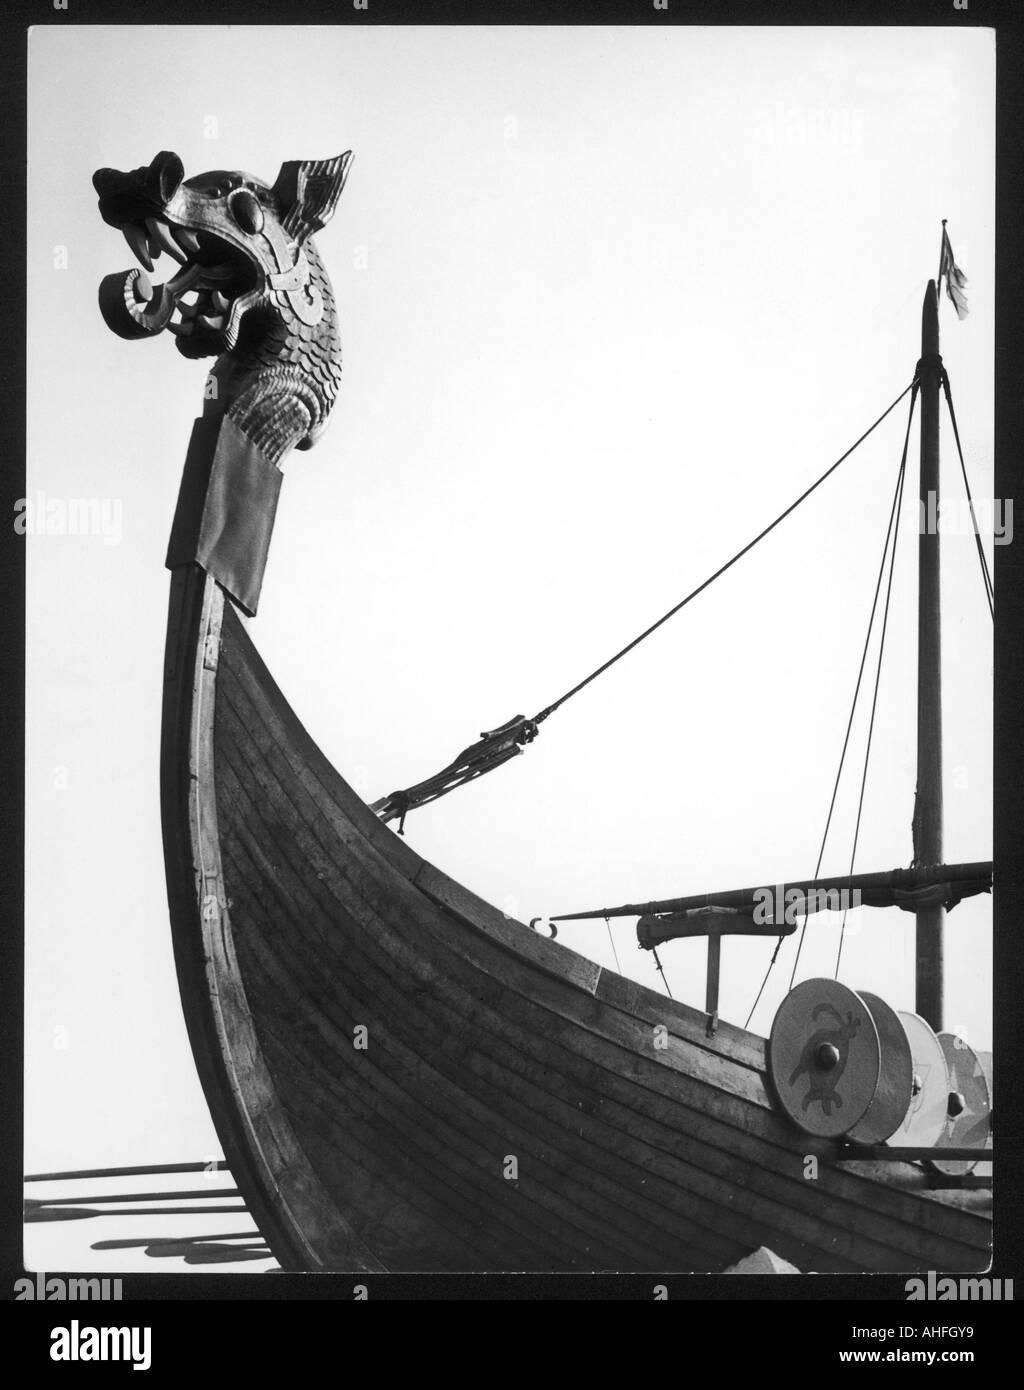 Viking Ship Figurehead - Stock Image